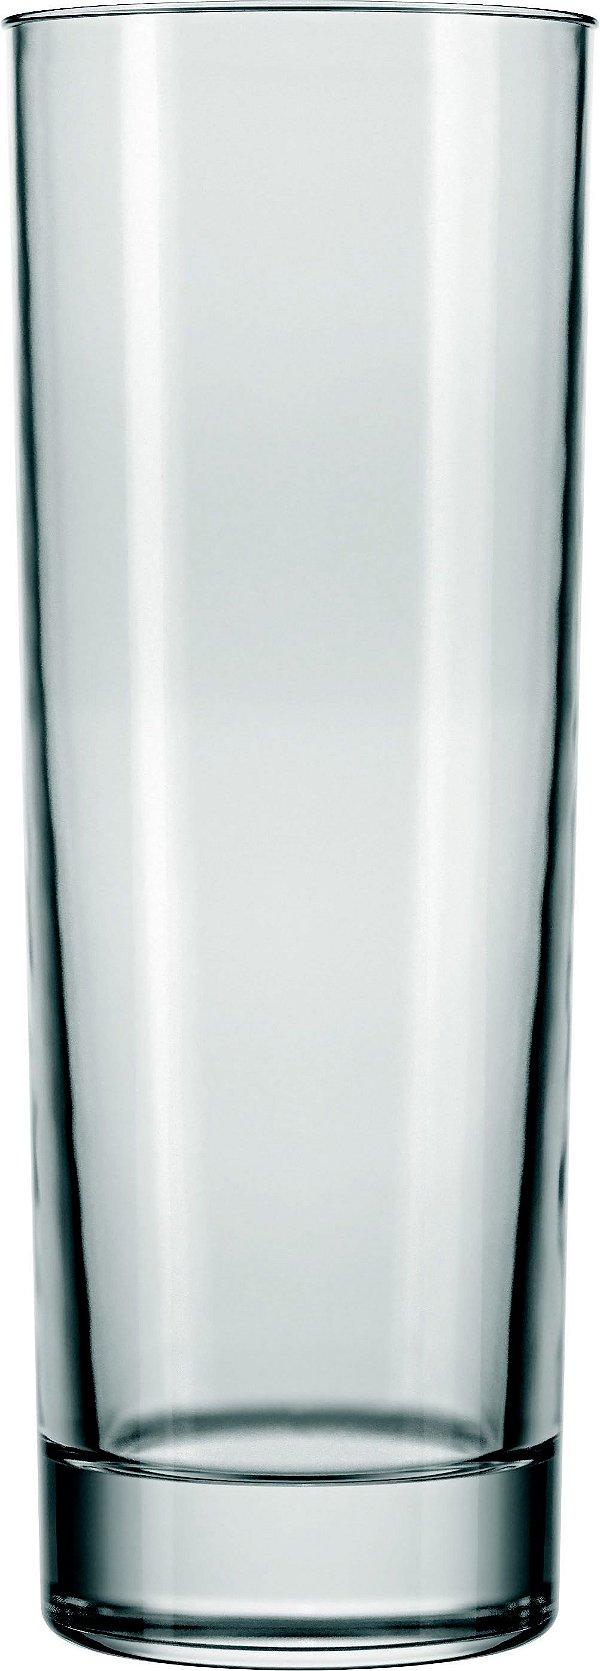 Copo Atol Tubo 300 Ml Caixa c/ 12 Unidades